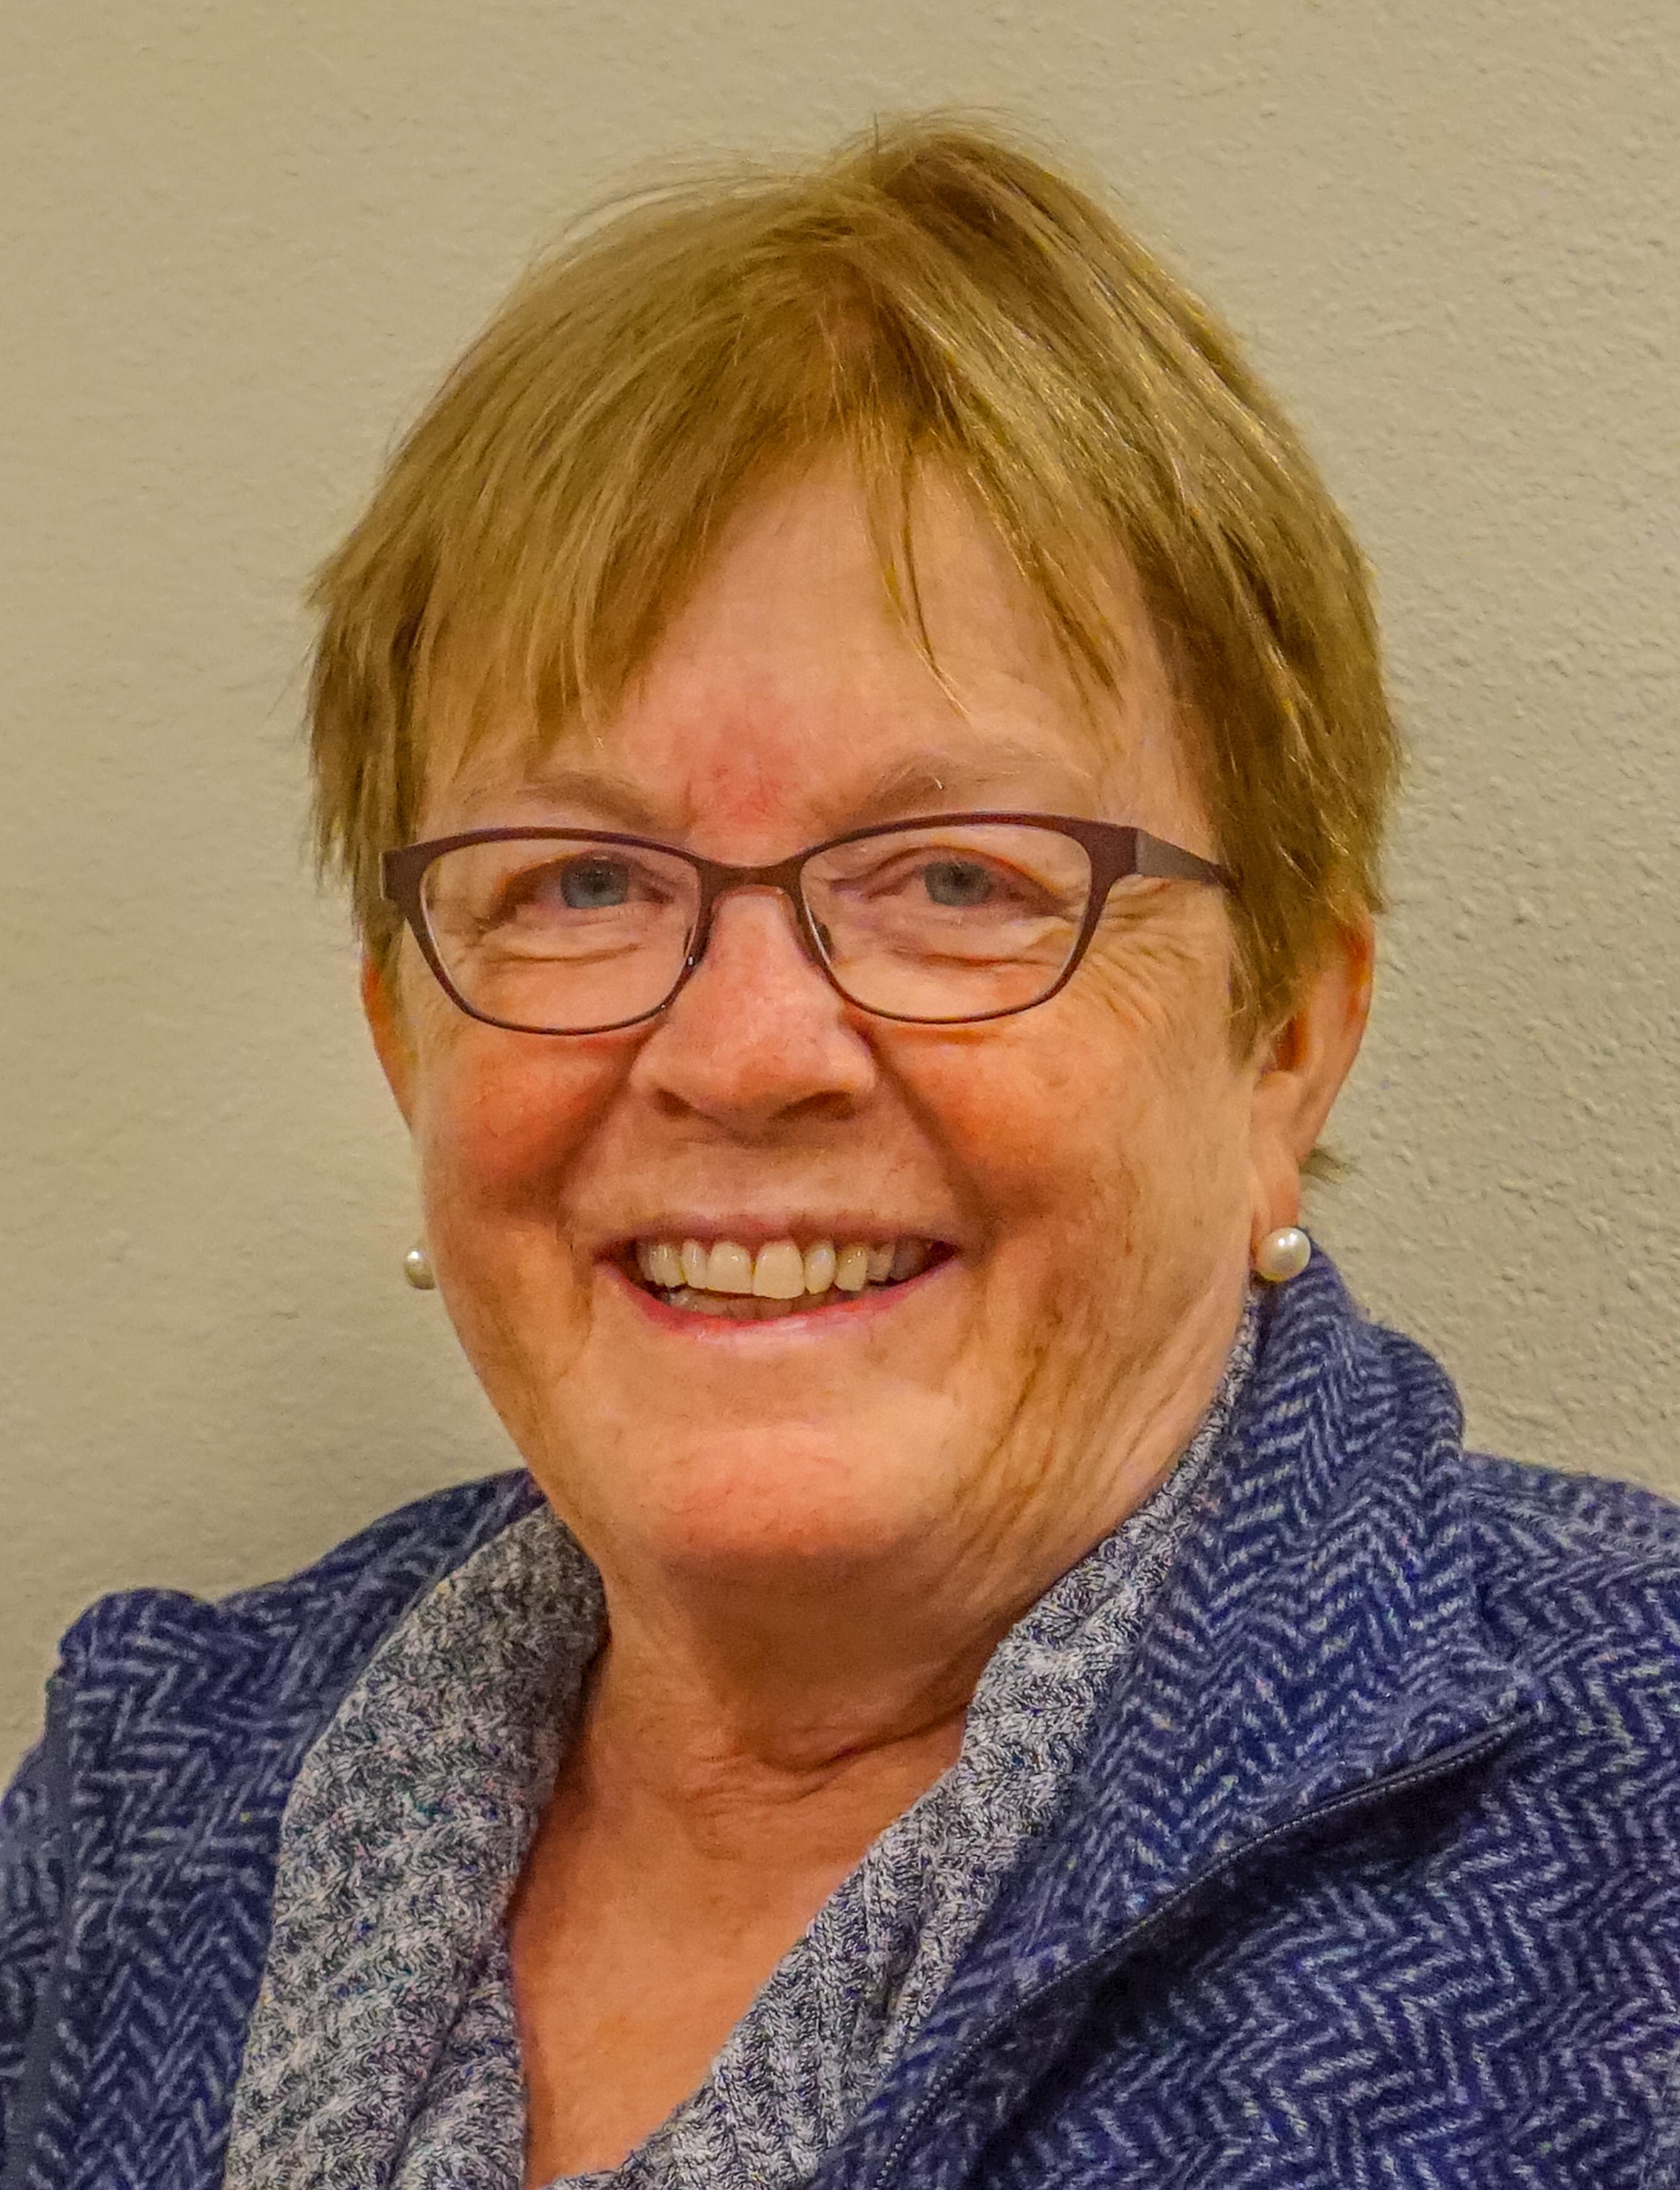 Joan Betz